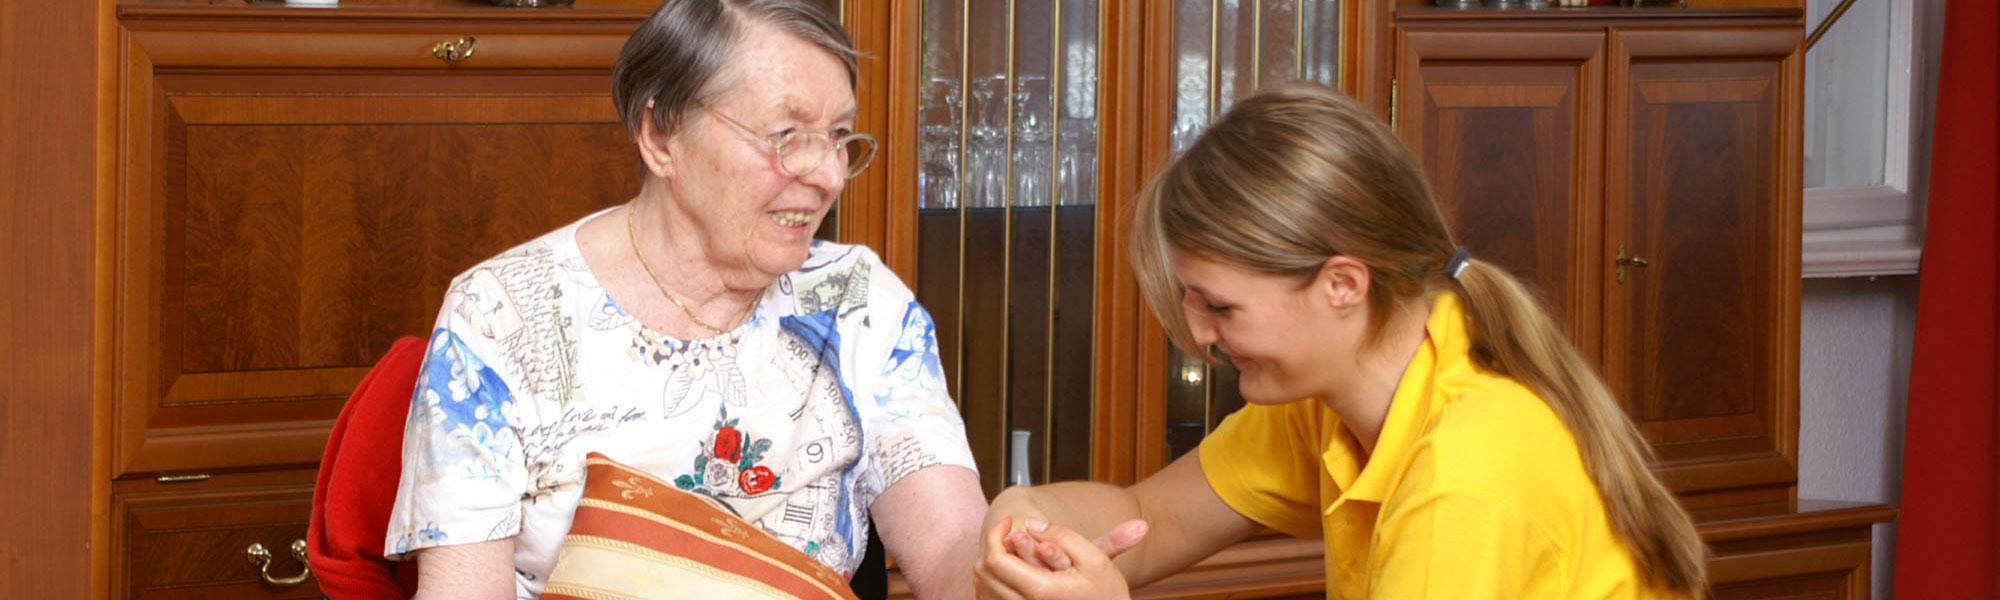 Pflegedienst Drei Töchter Startseitenbanner 7